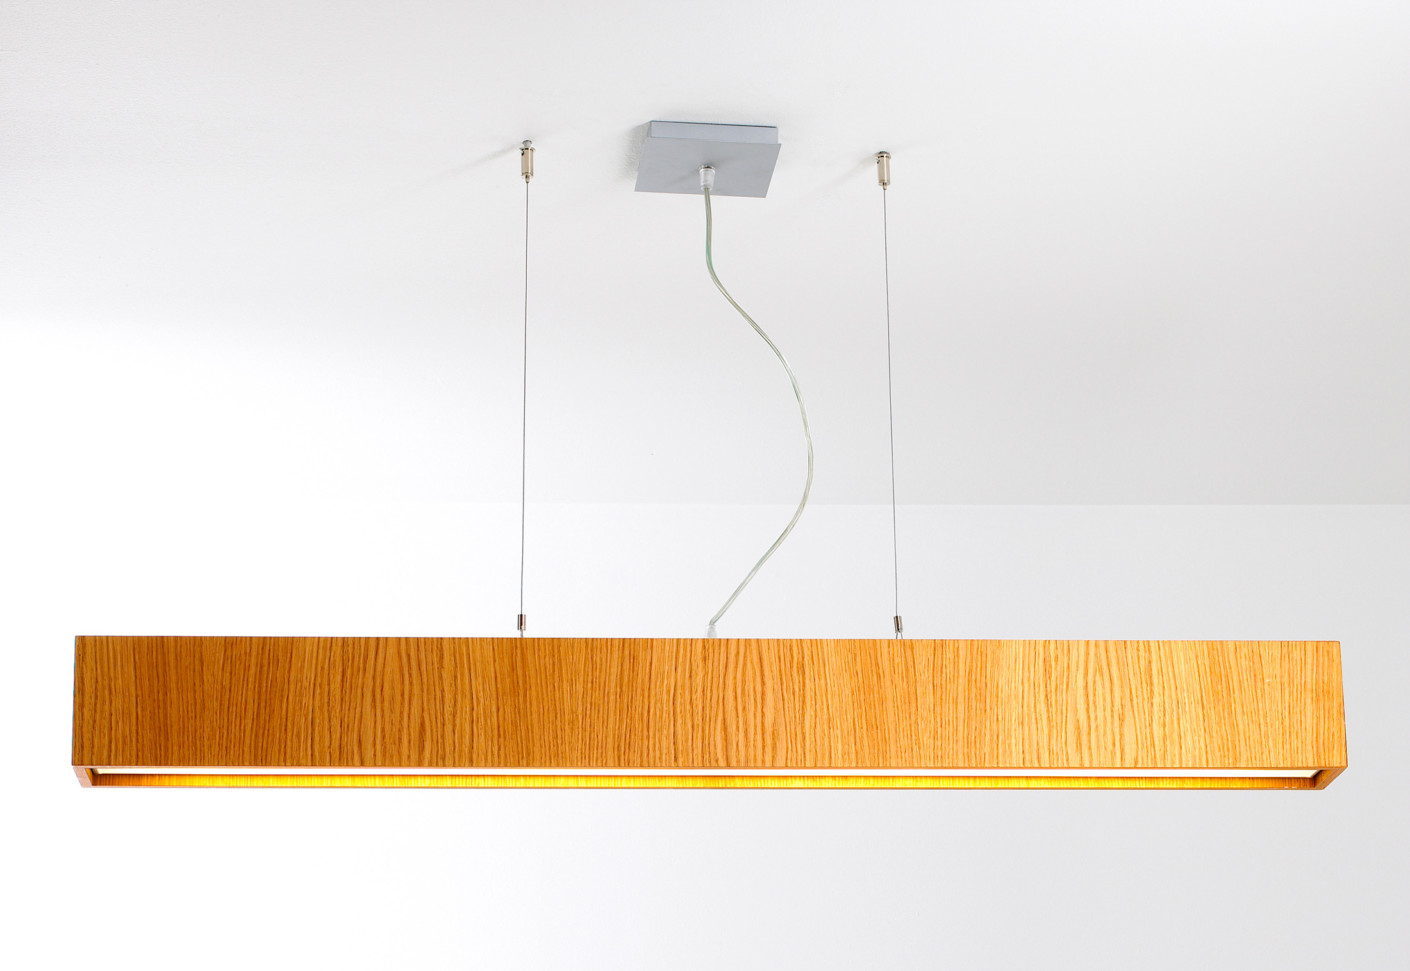 Quadrat S120x120 Lamp Pendant Lamp LED 6x24,8W - white